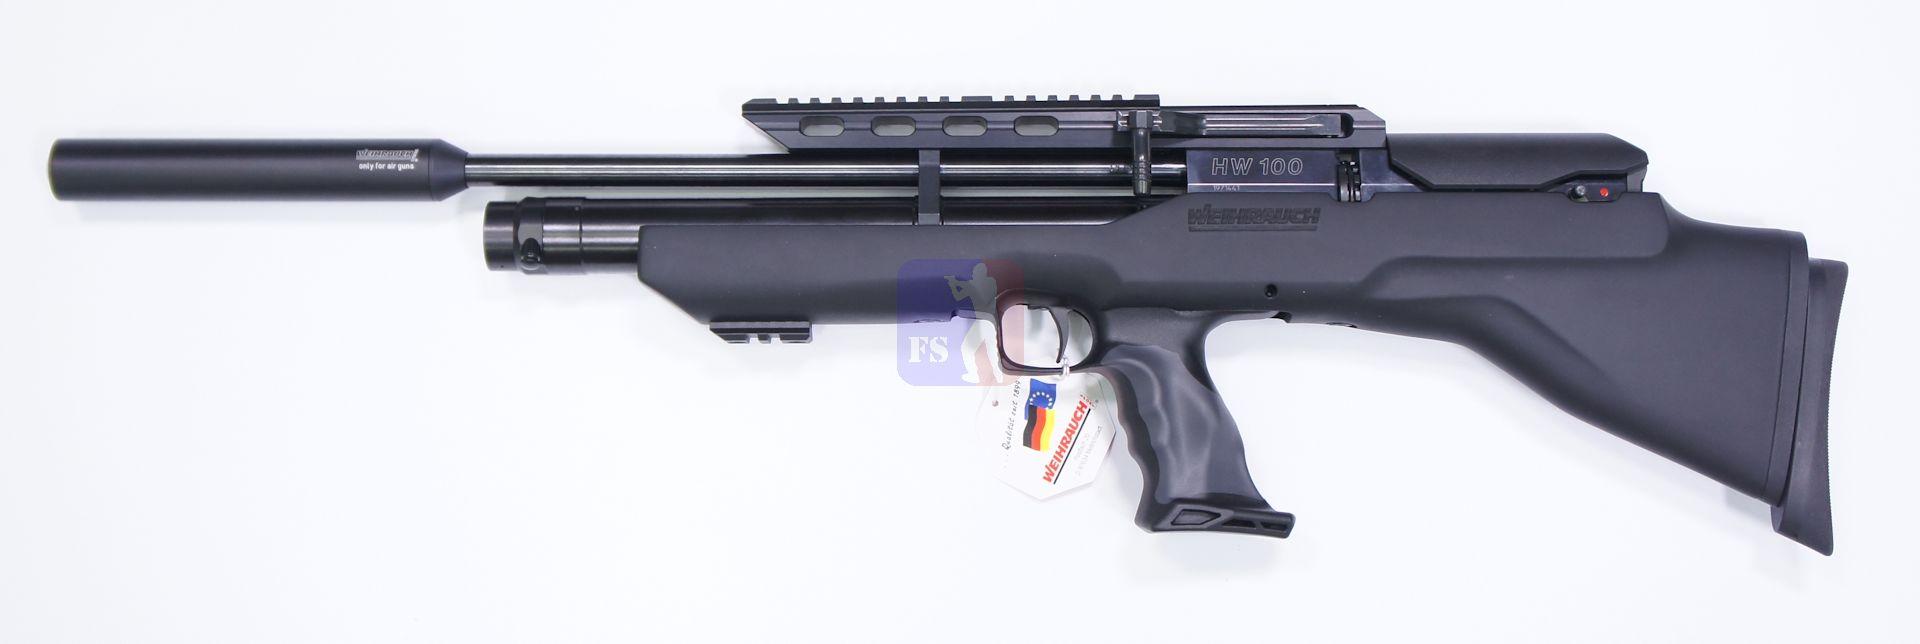 Luftgewehr Weihrauch HW 100 Bullpup, 41cm Lauf, 4,5mm, F